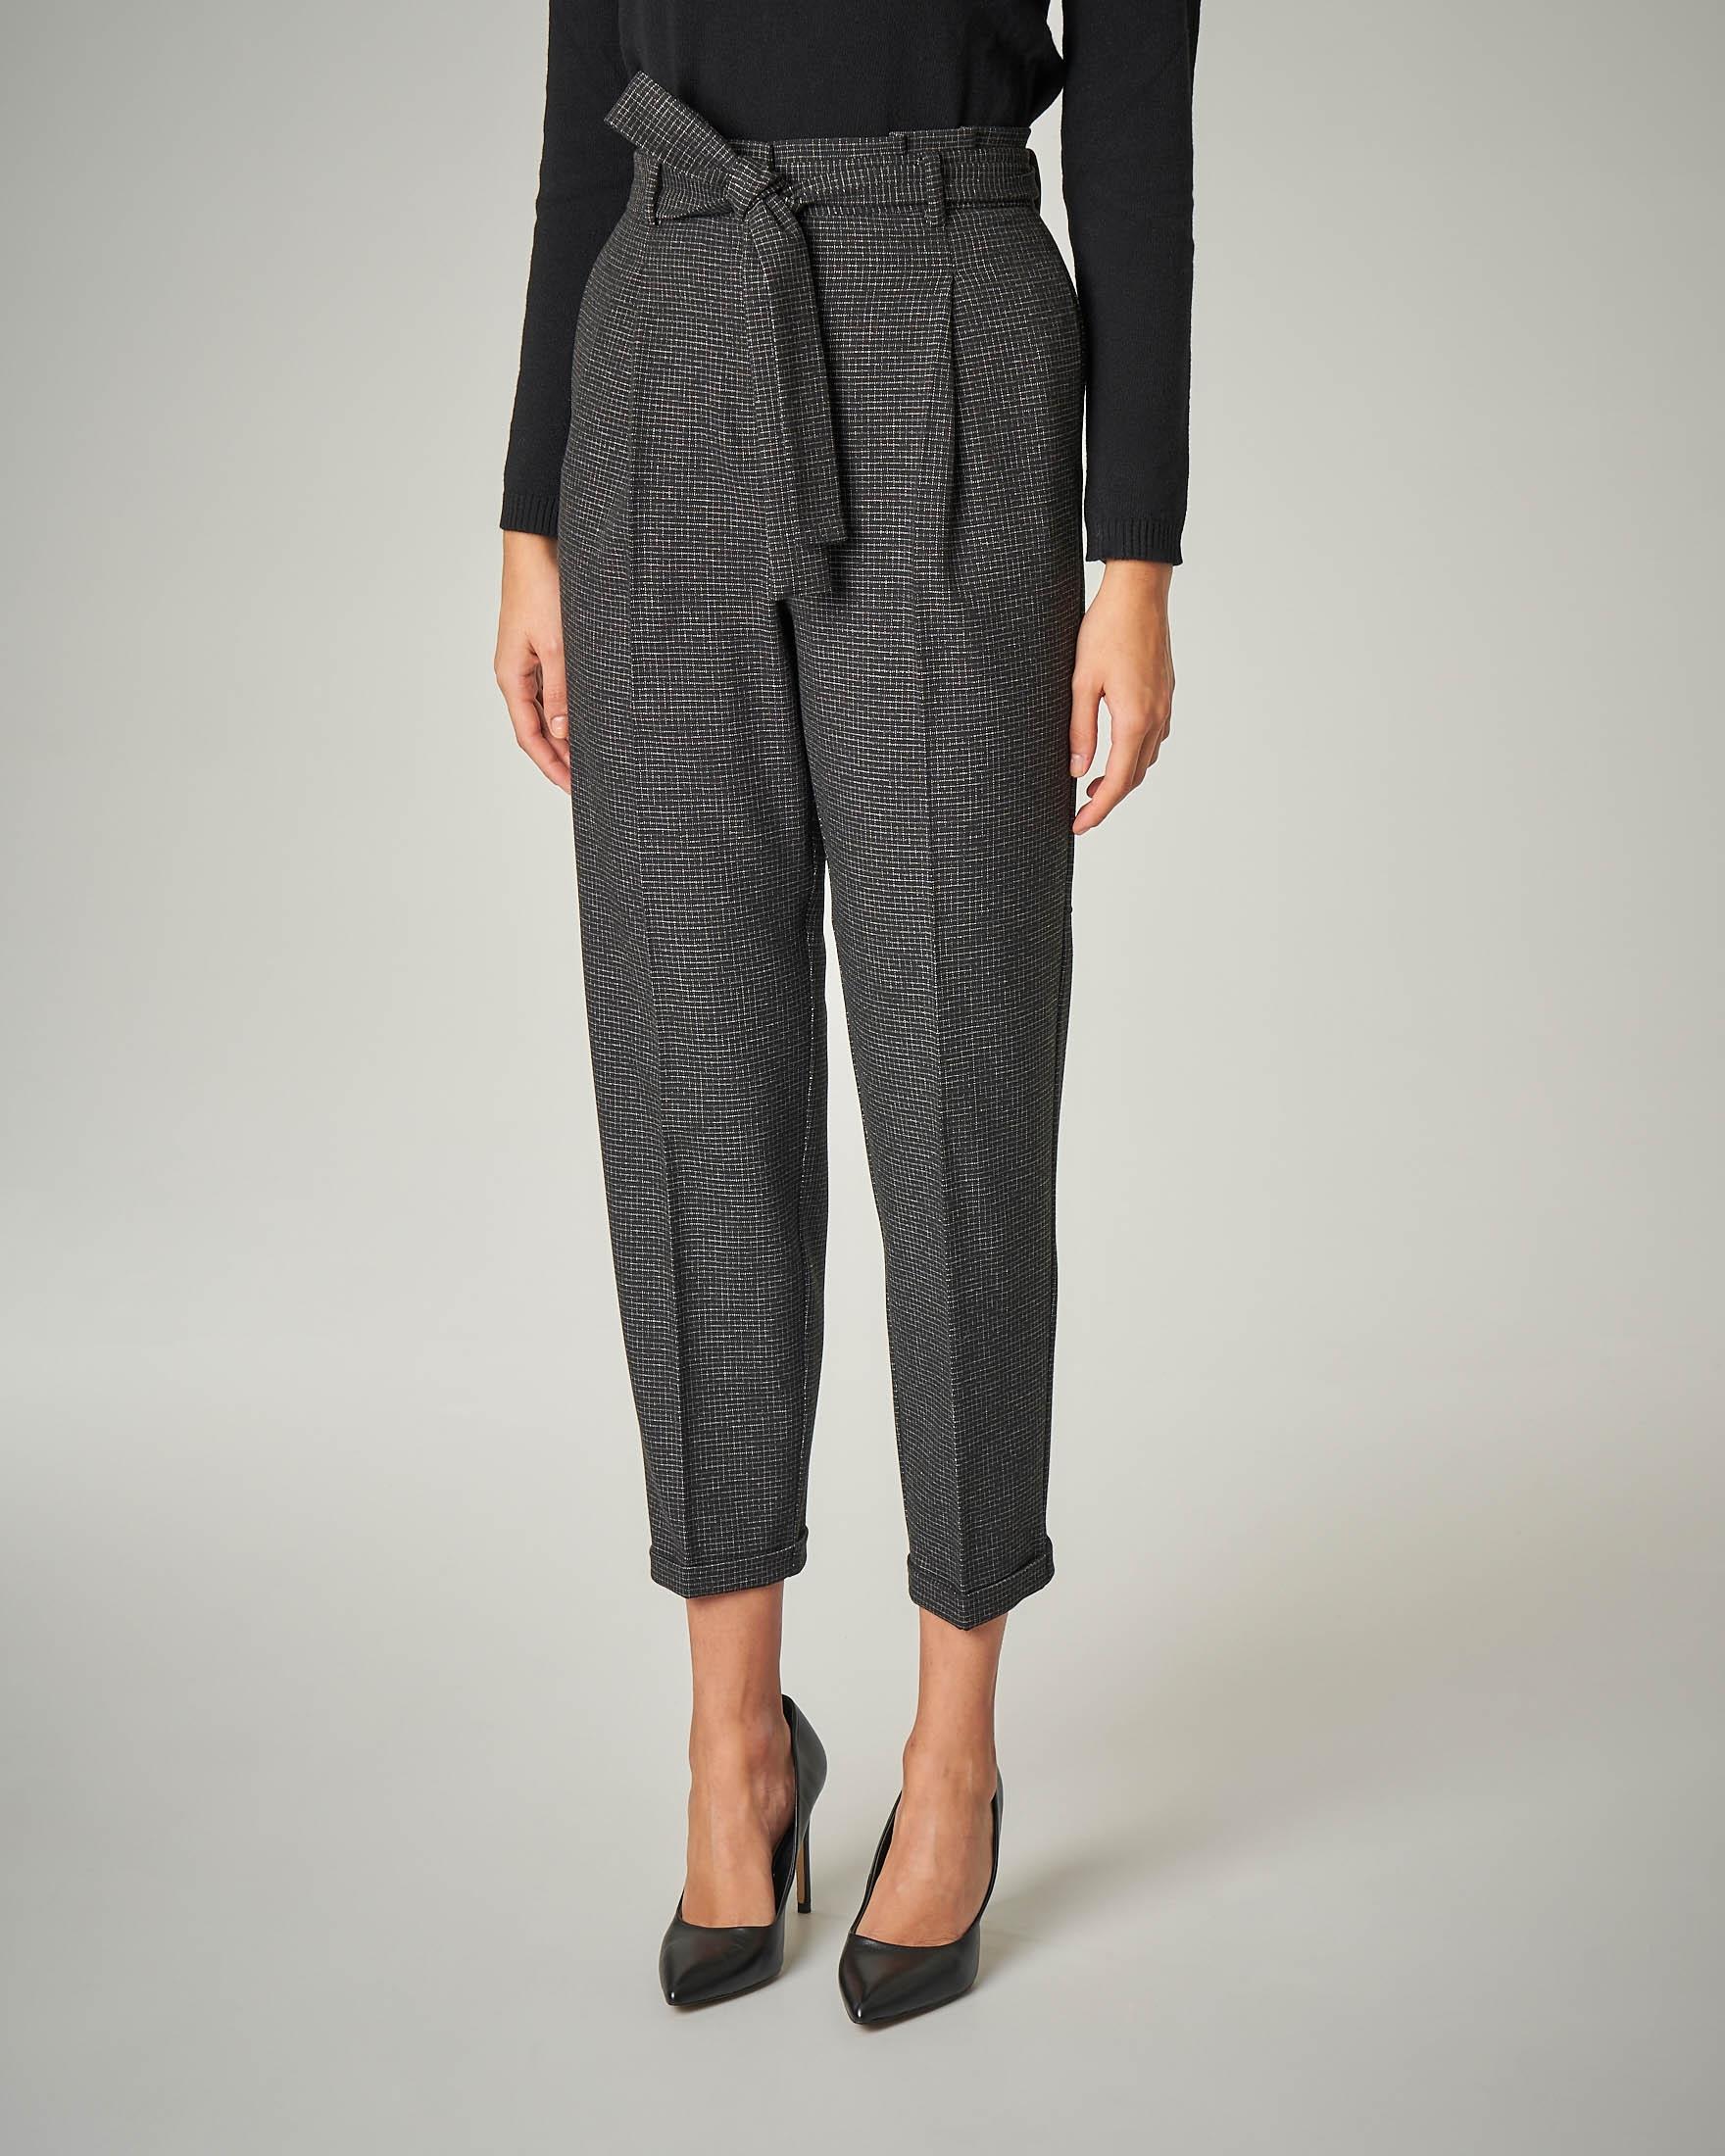 Pantaloni con pince fantasia micro quadretto grigio